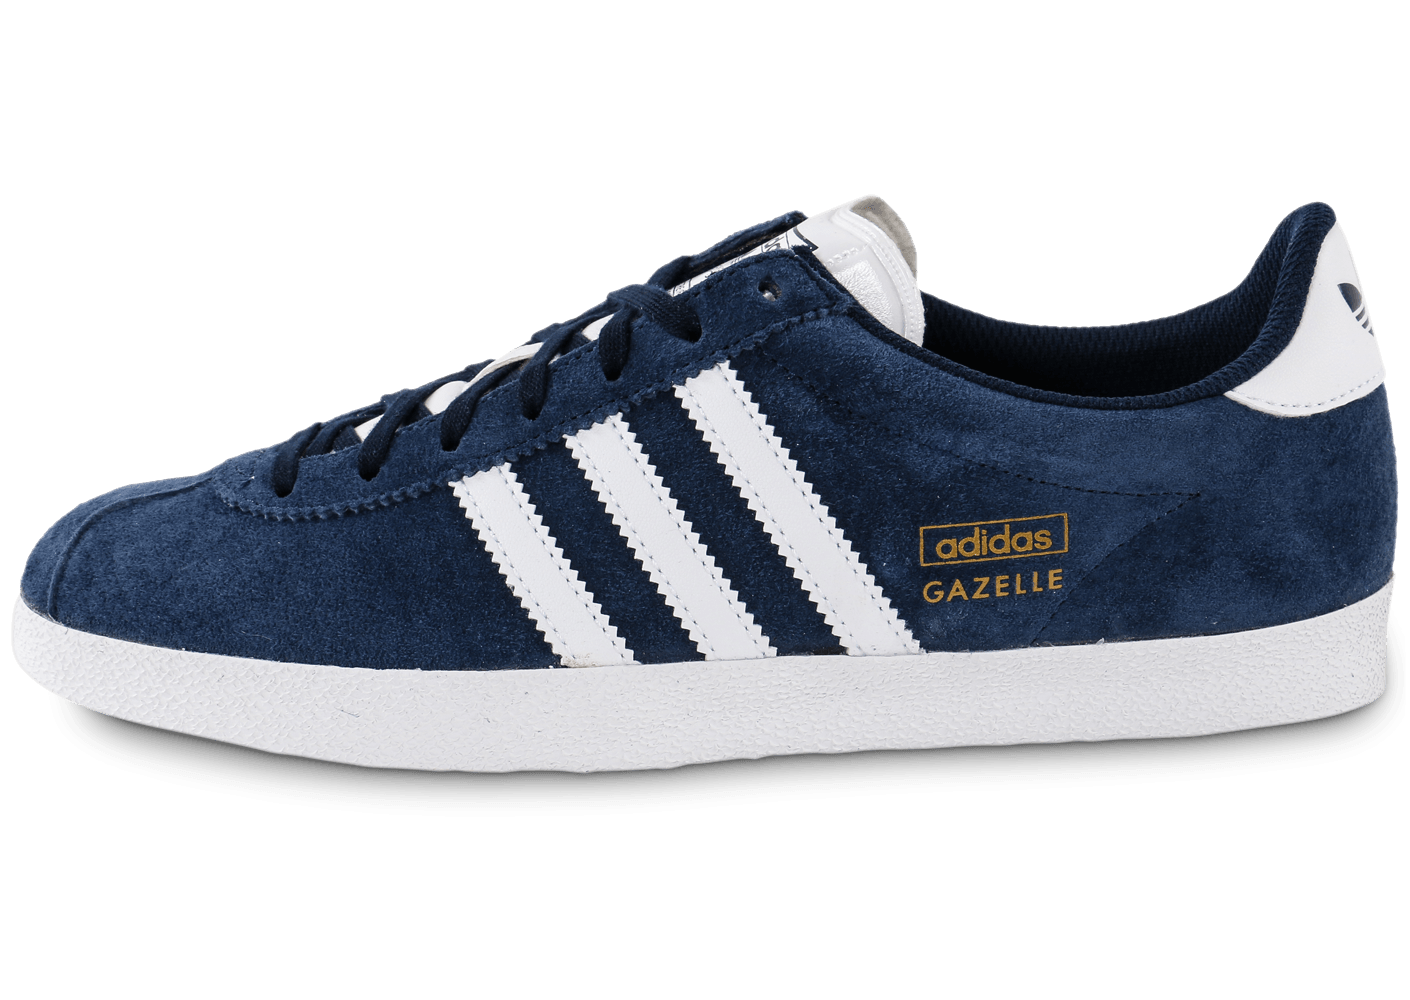 adidas gazelle og femme bleu marine